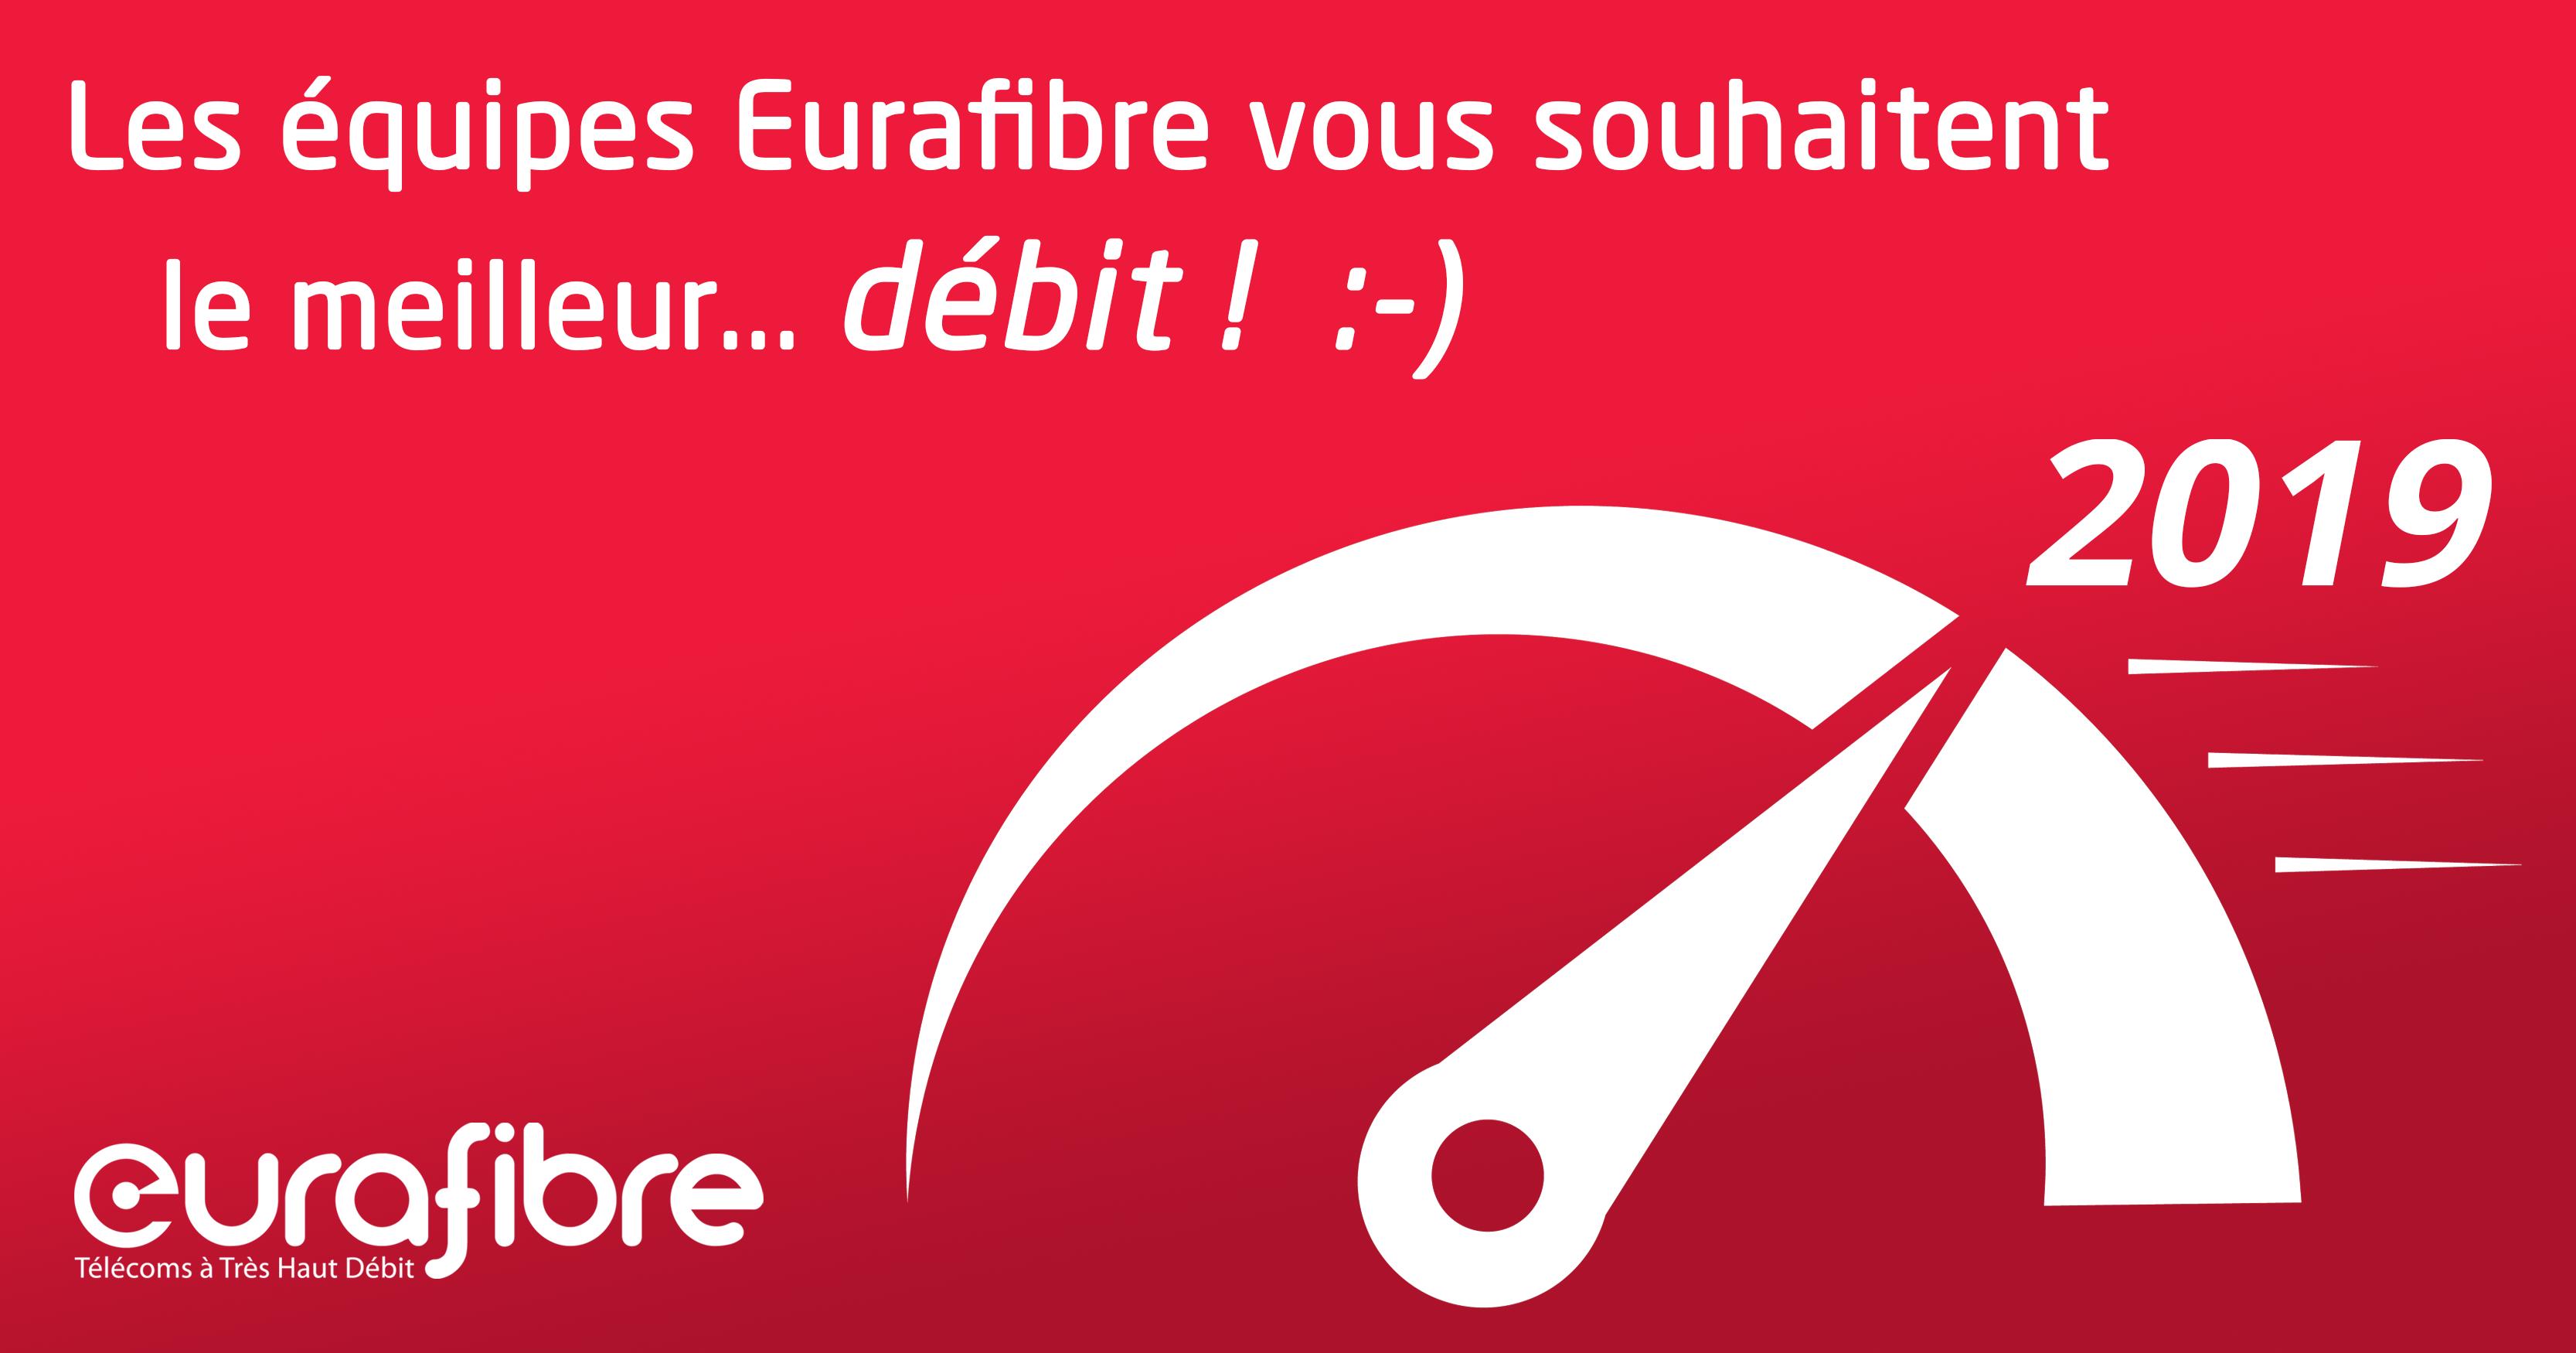 Opérateur Télécom Eurafibre voeux 2019